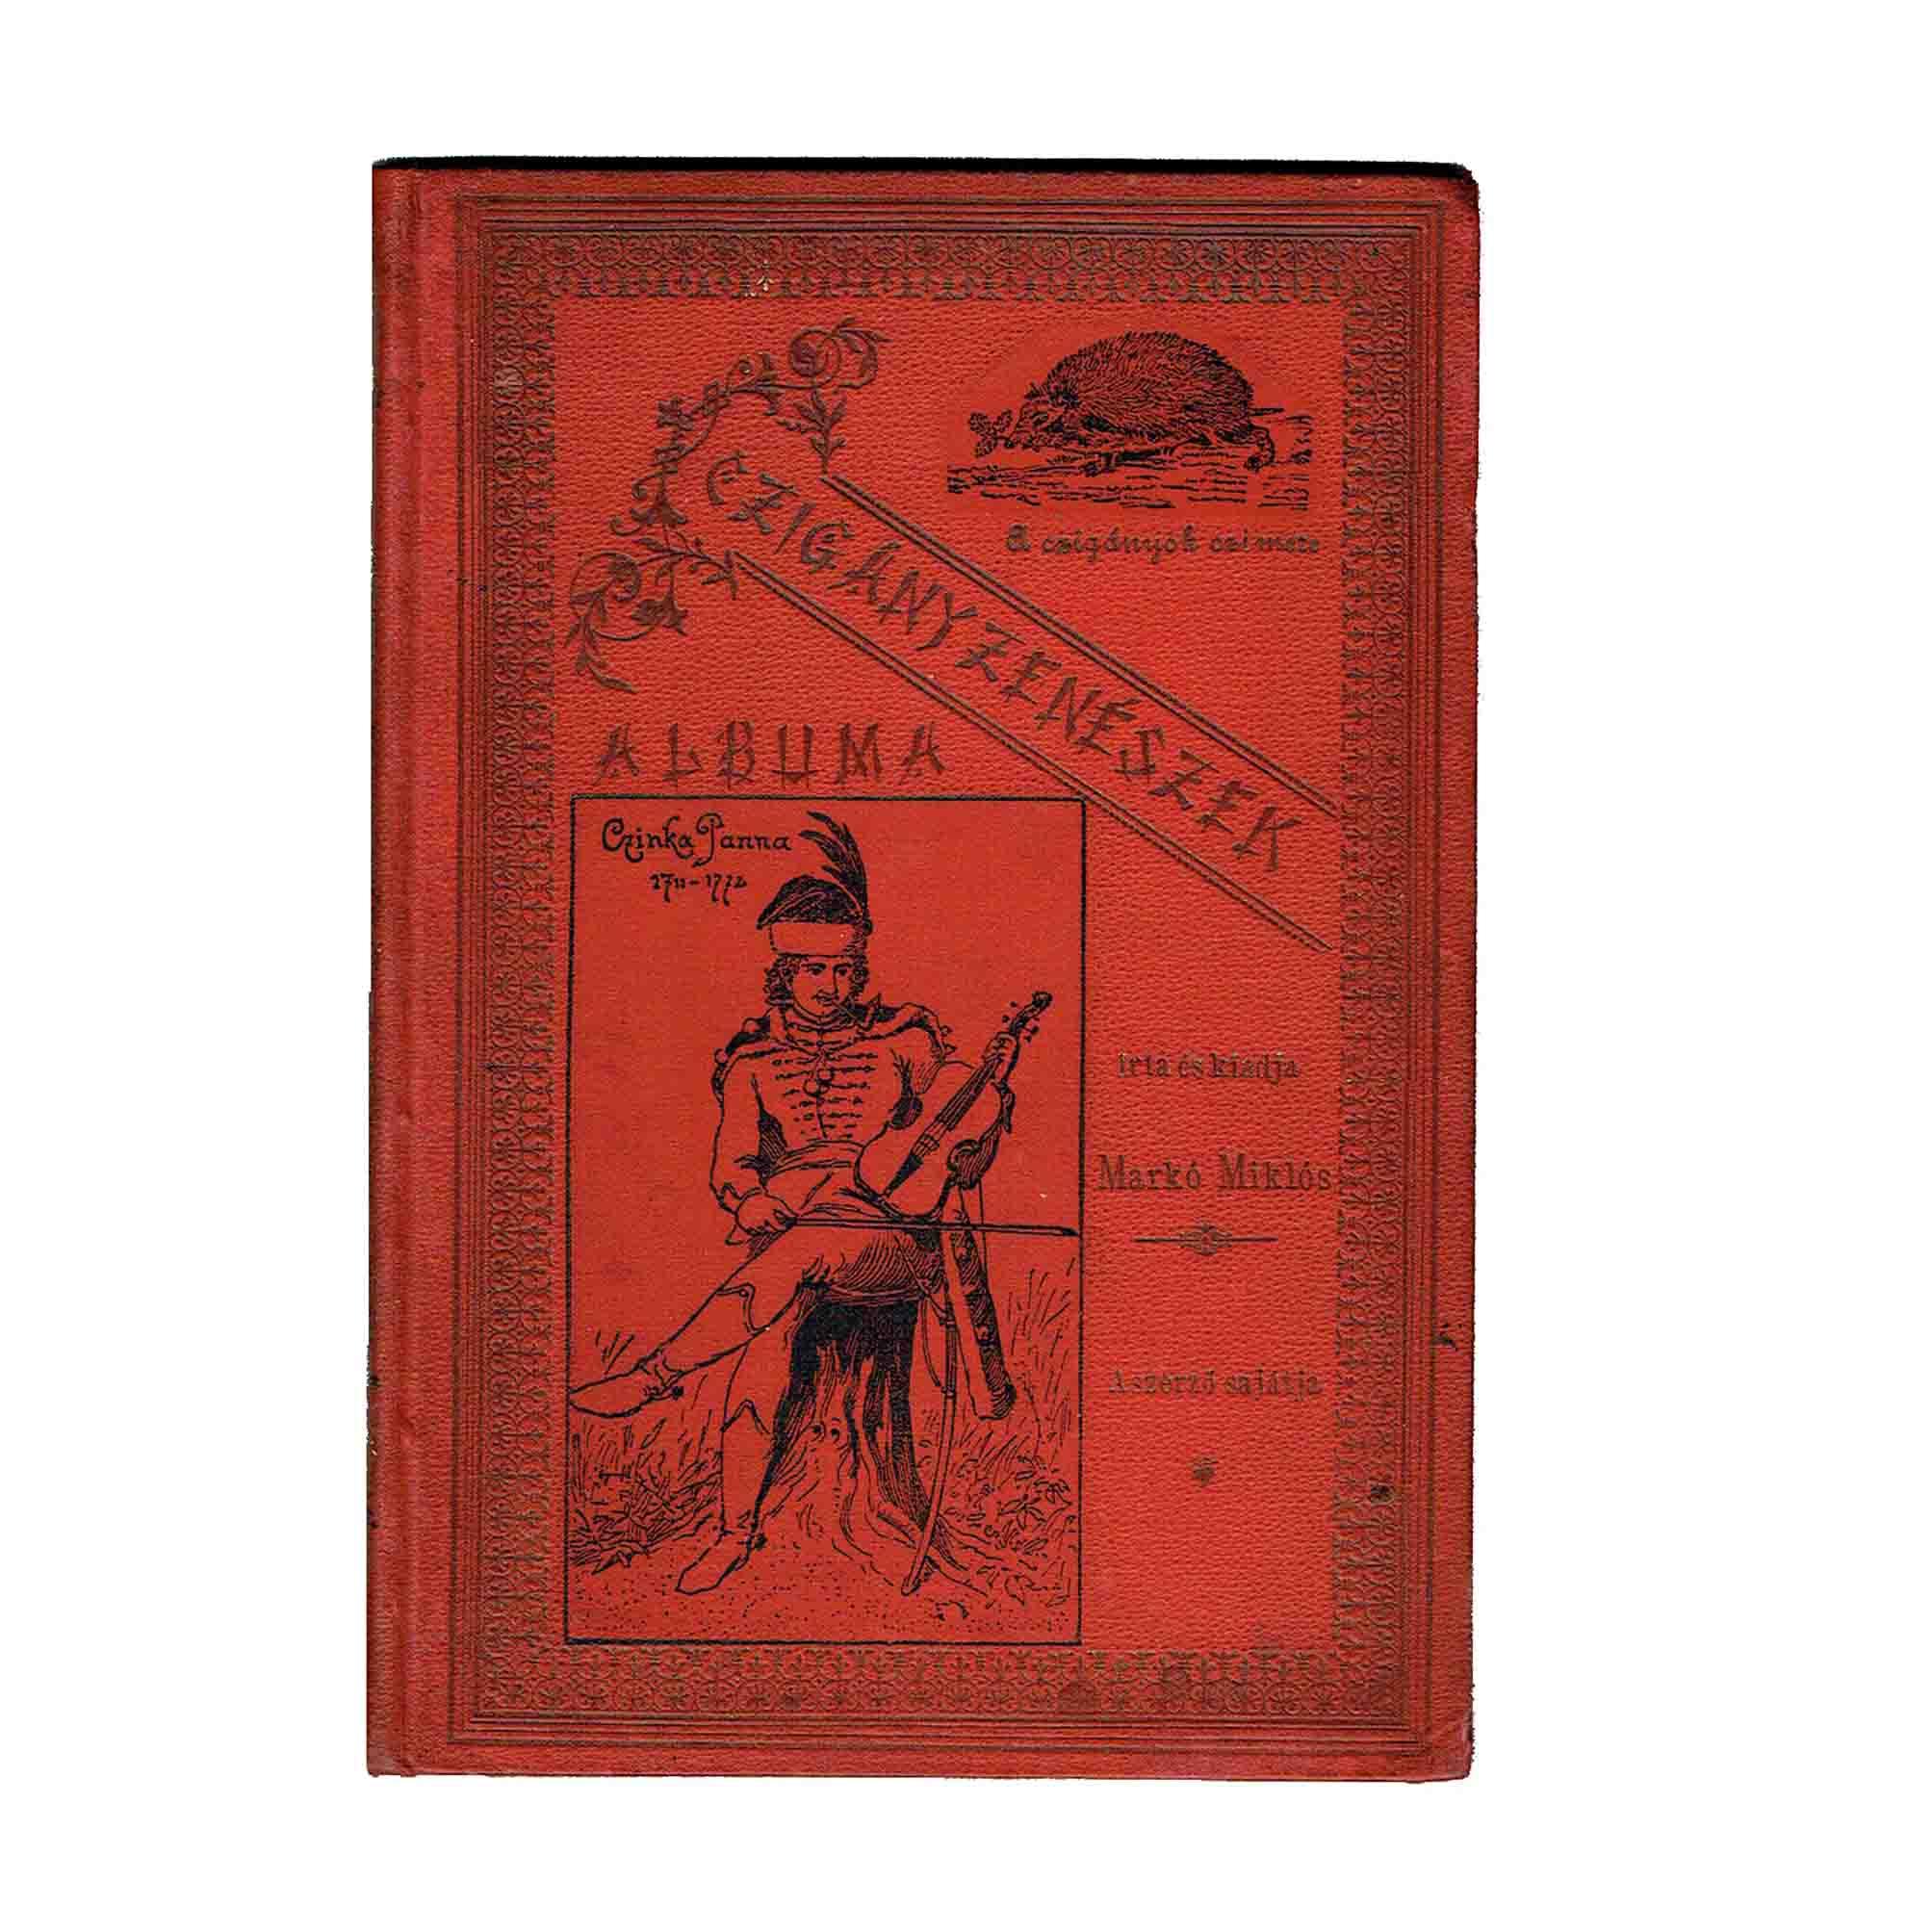 5750-Marko-Gipsy-Music-1896-Cover-free-A-N.jpg